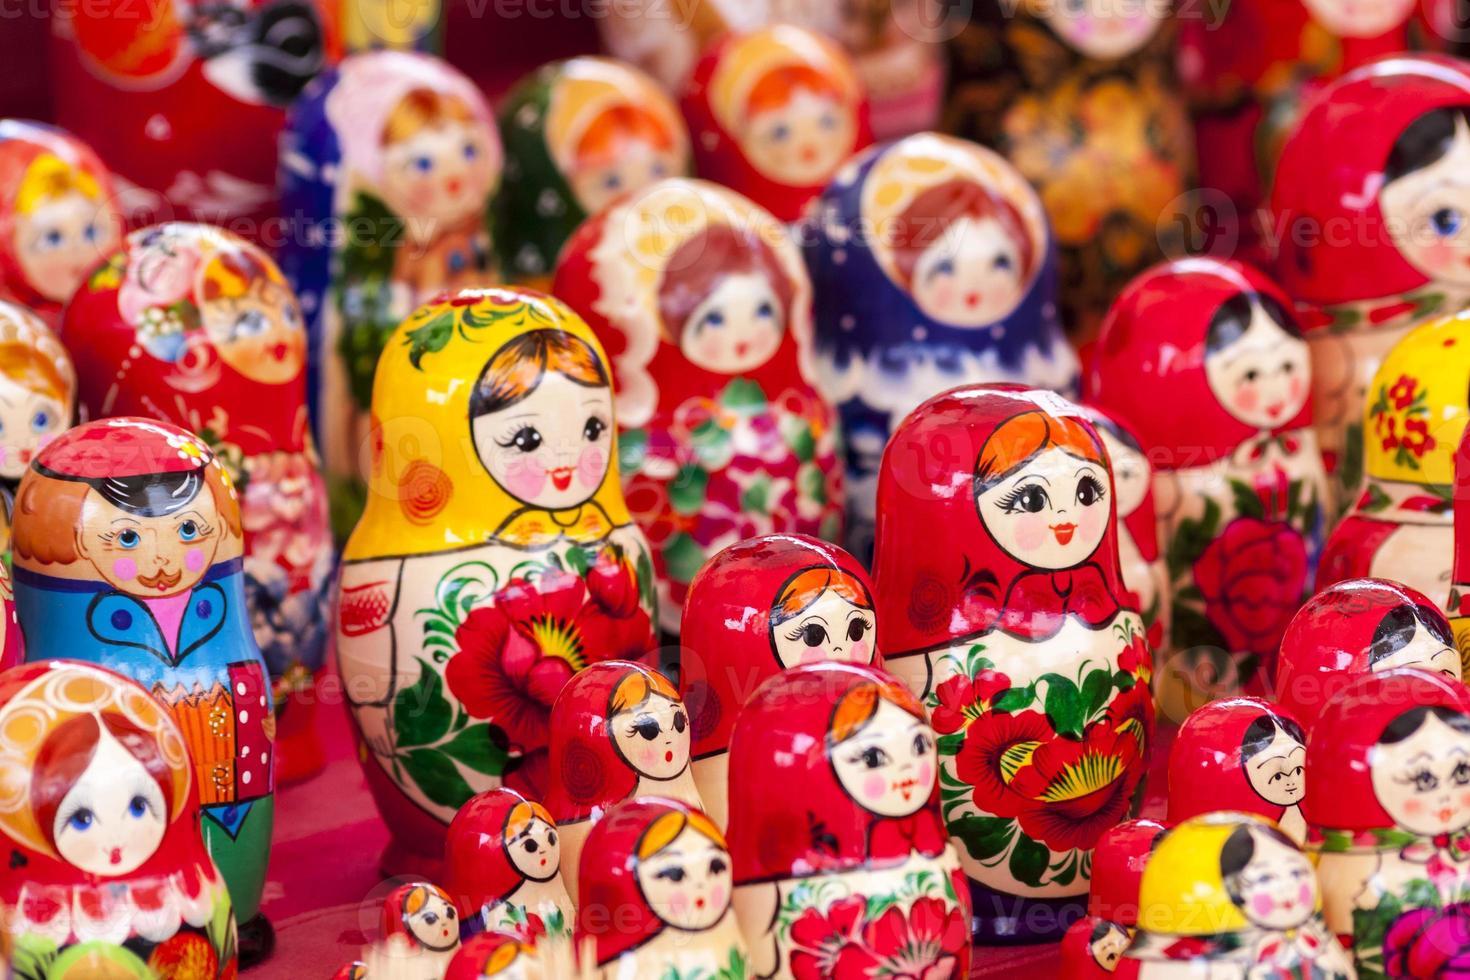 bonecas ucranianas russas foto